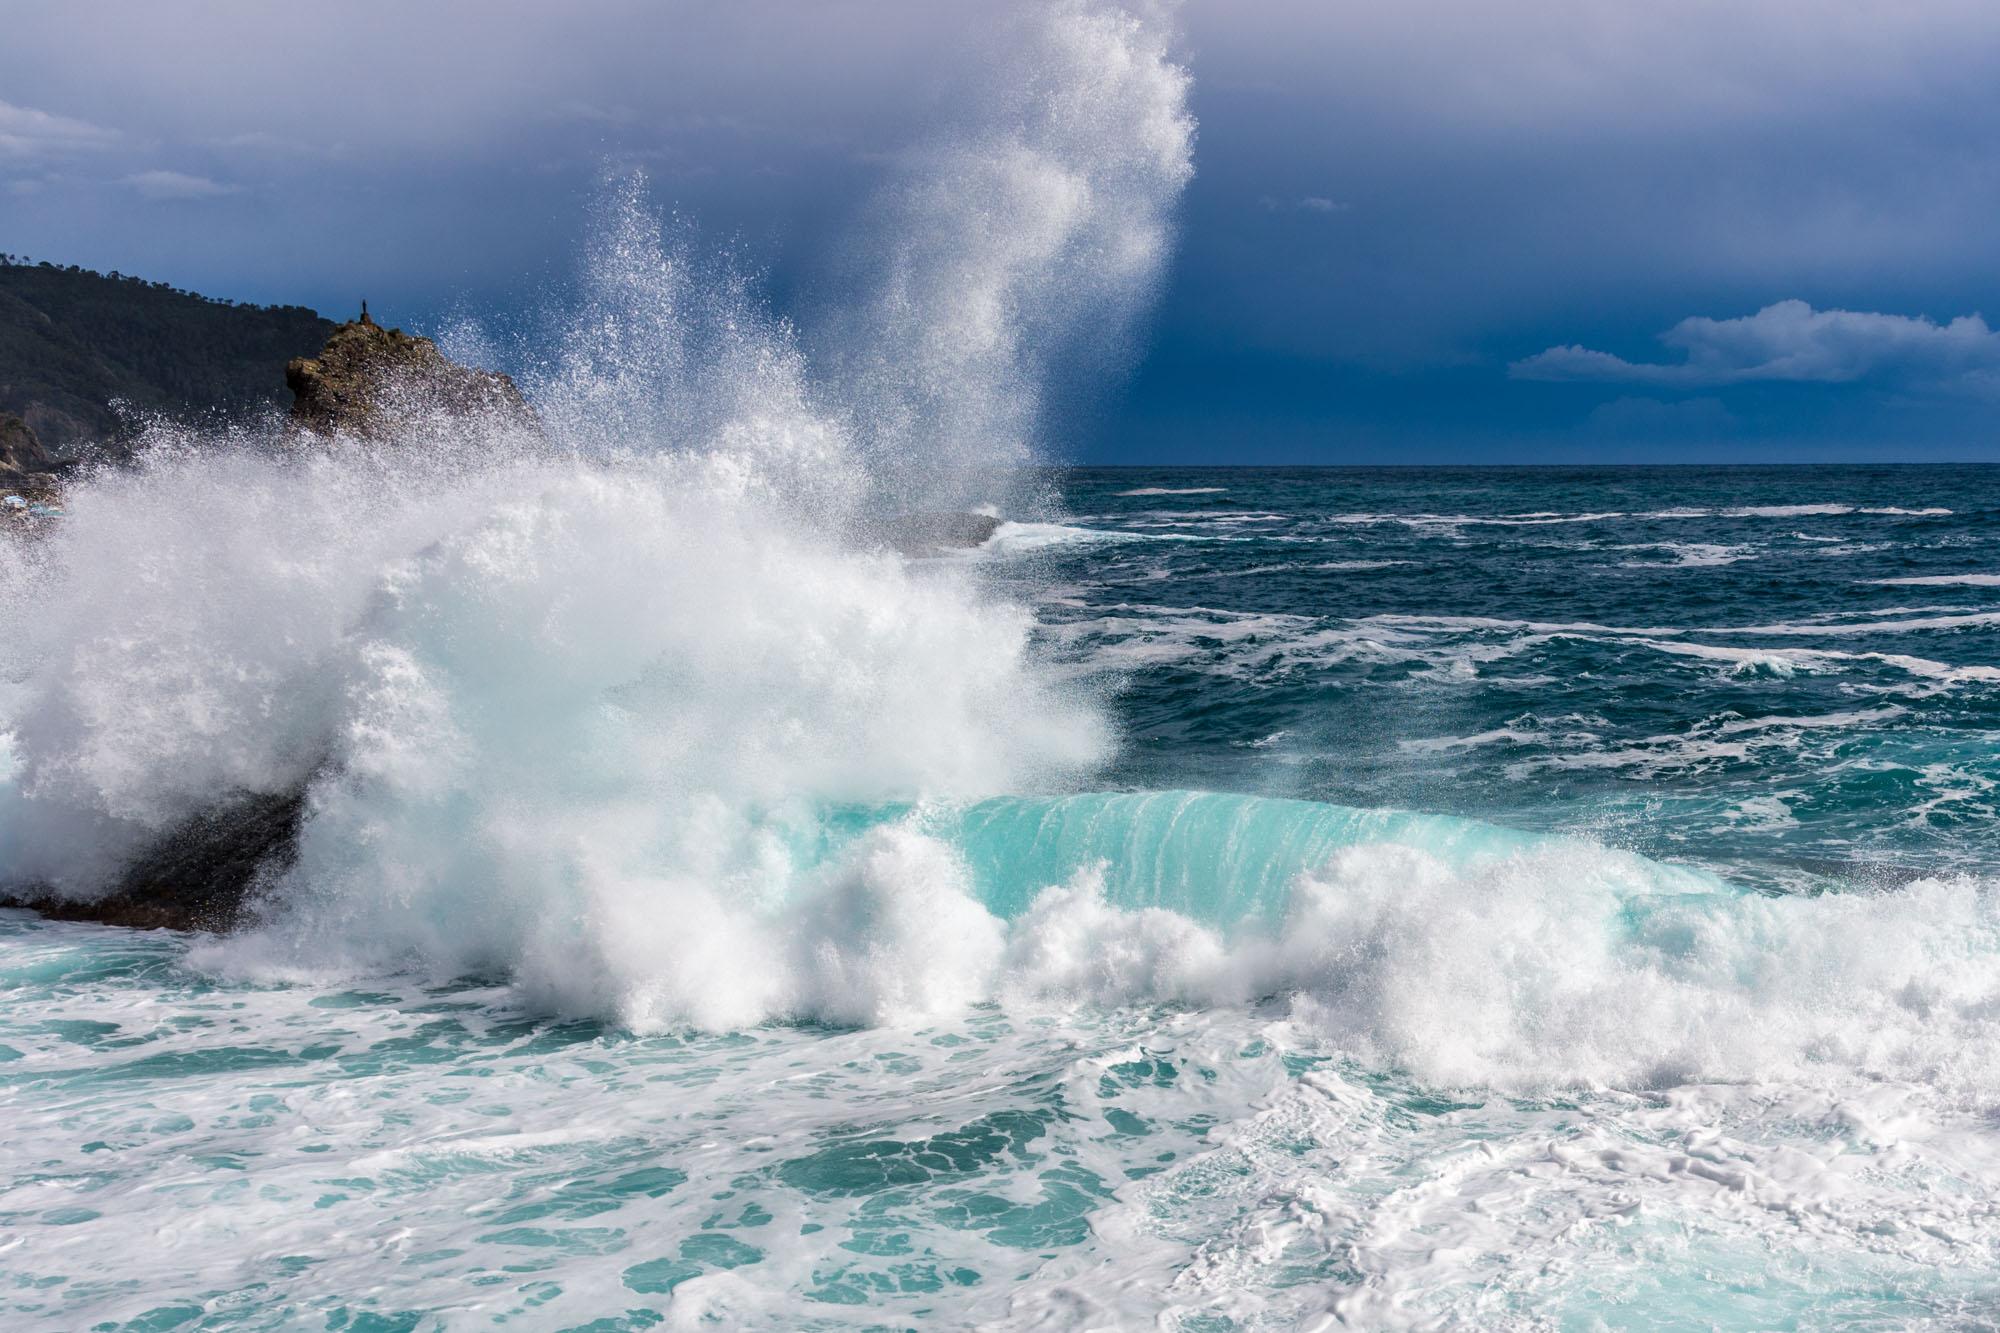 ligurisches Meer bei Wellengang